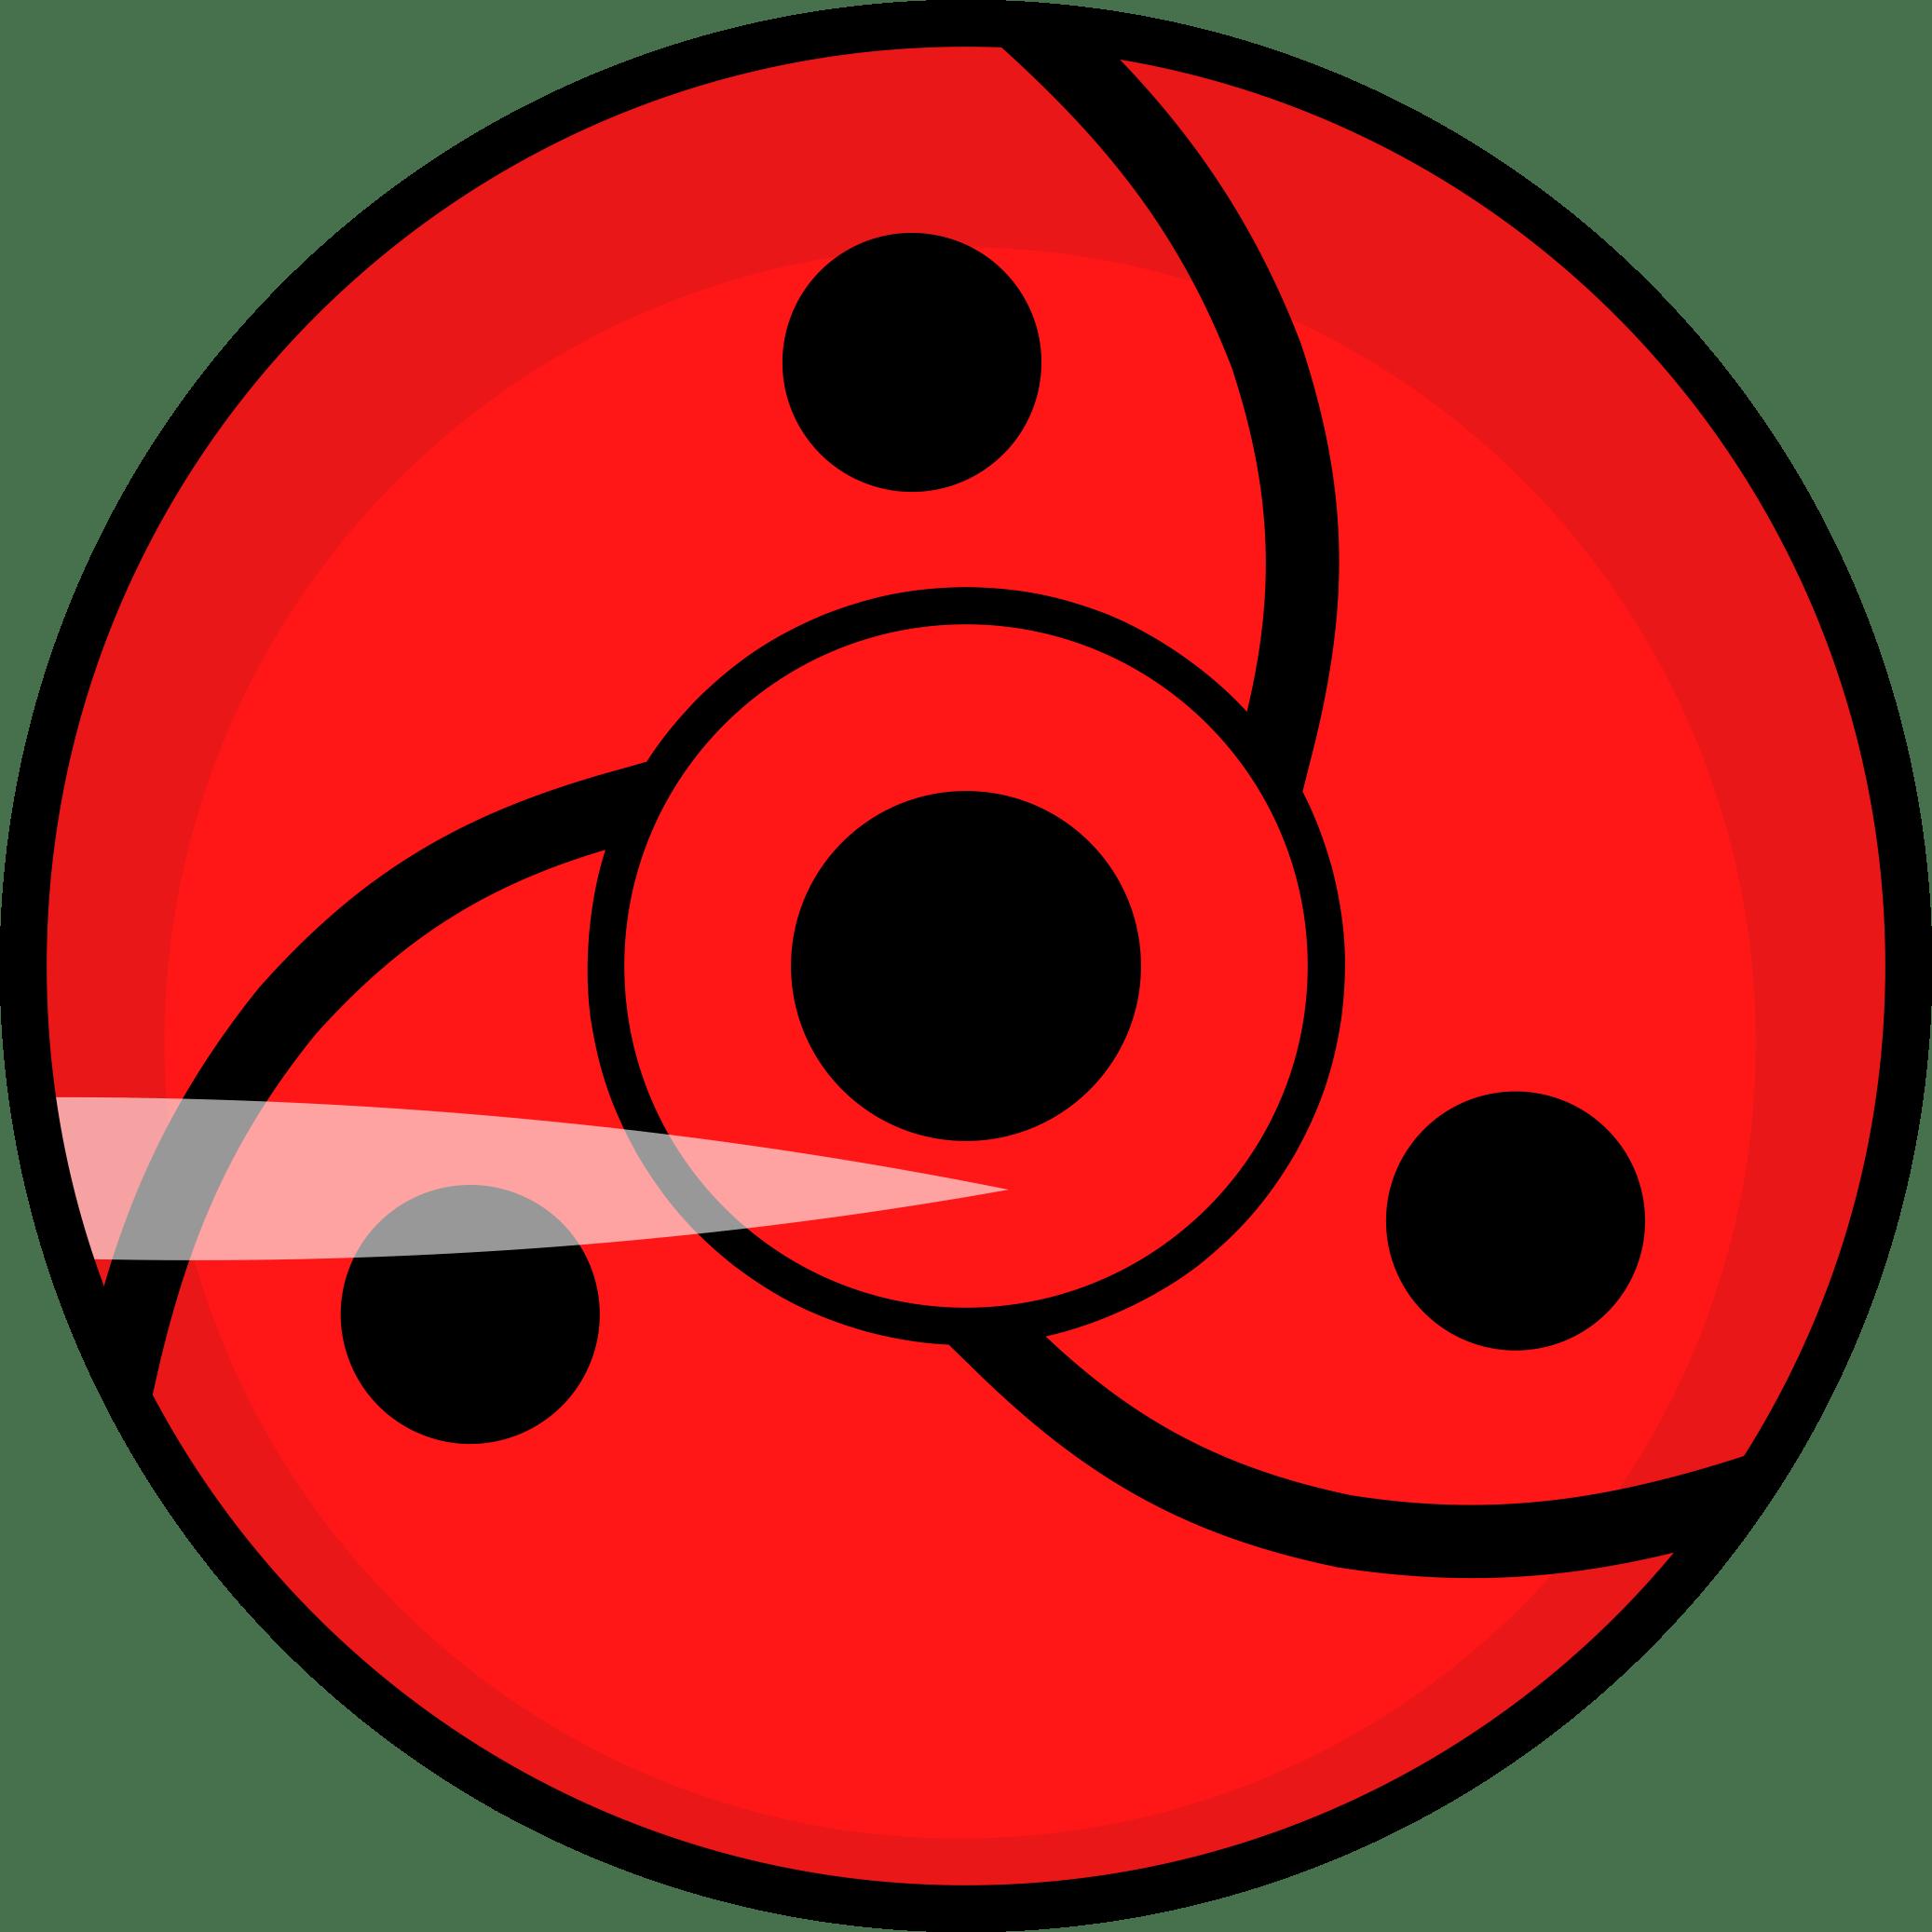 sharingan eyes png - Fugaku Uchiha Mangekyou Sharingan Mangekyo Itachi Joins - Circle | #2040426 ...